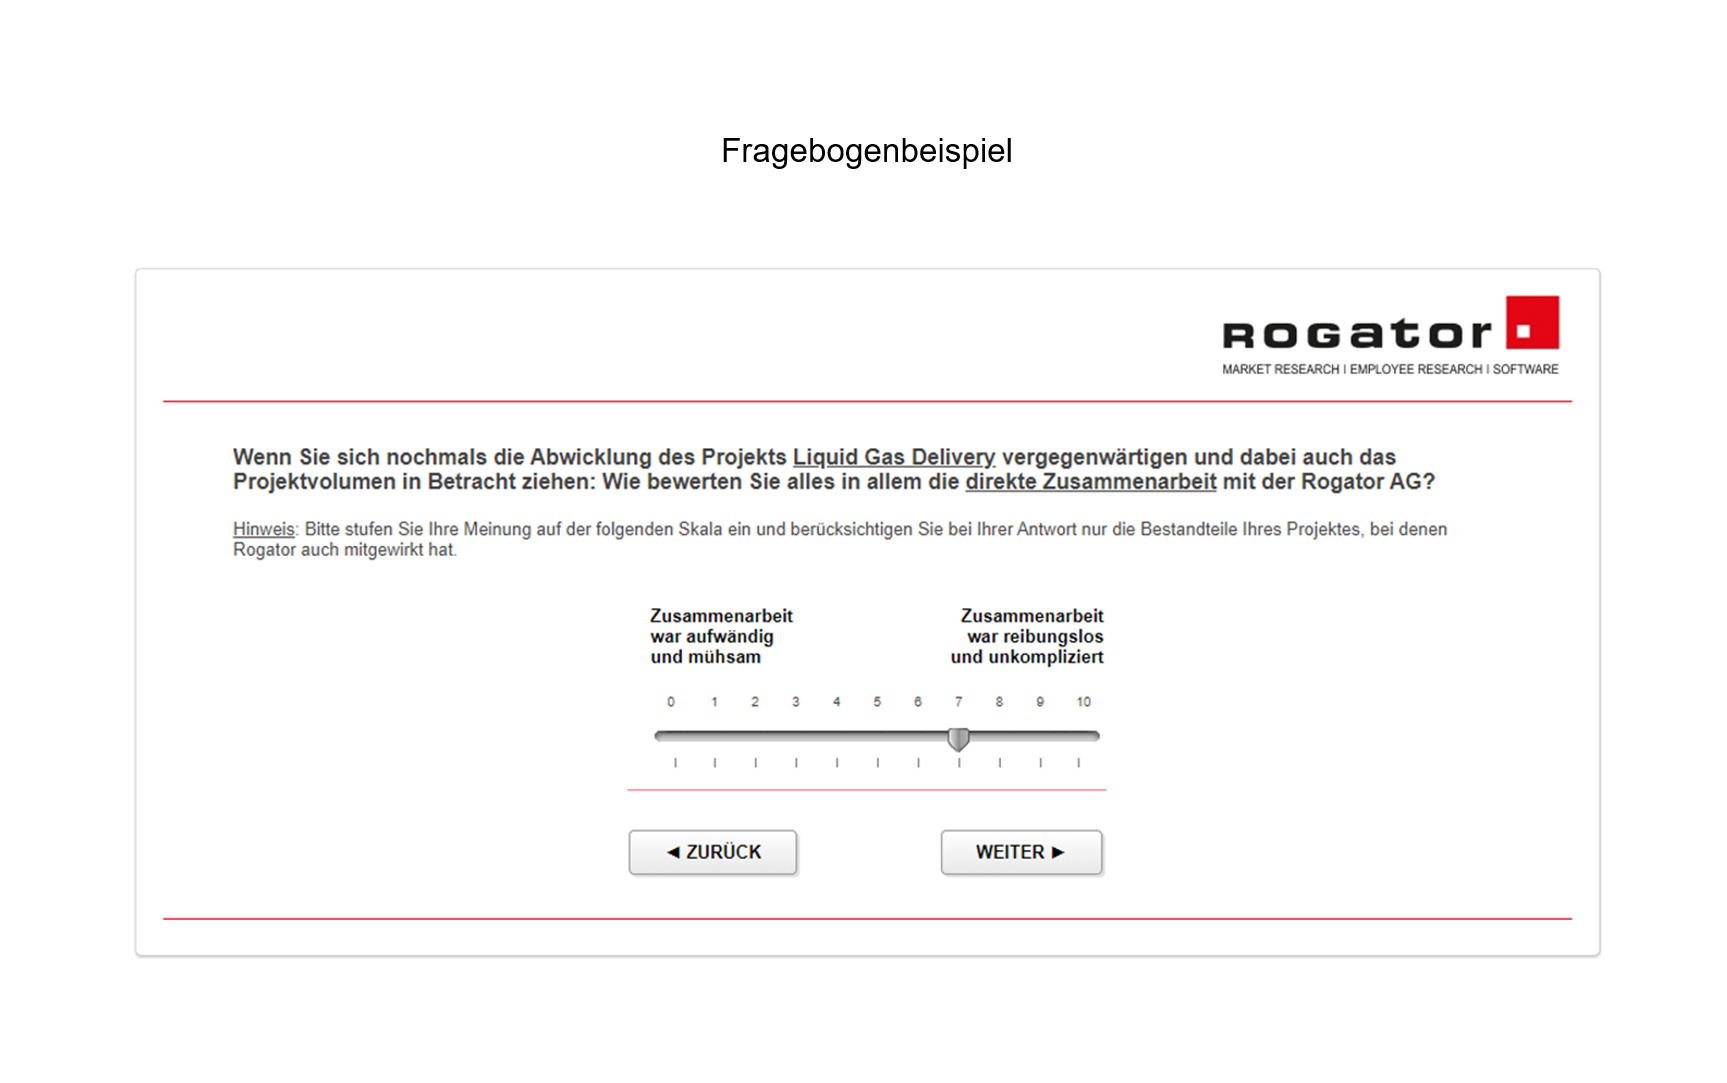 Customer Effort Score Fragebogenbeispiel 2